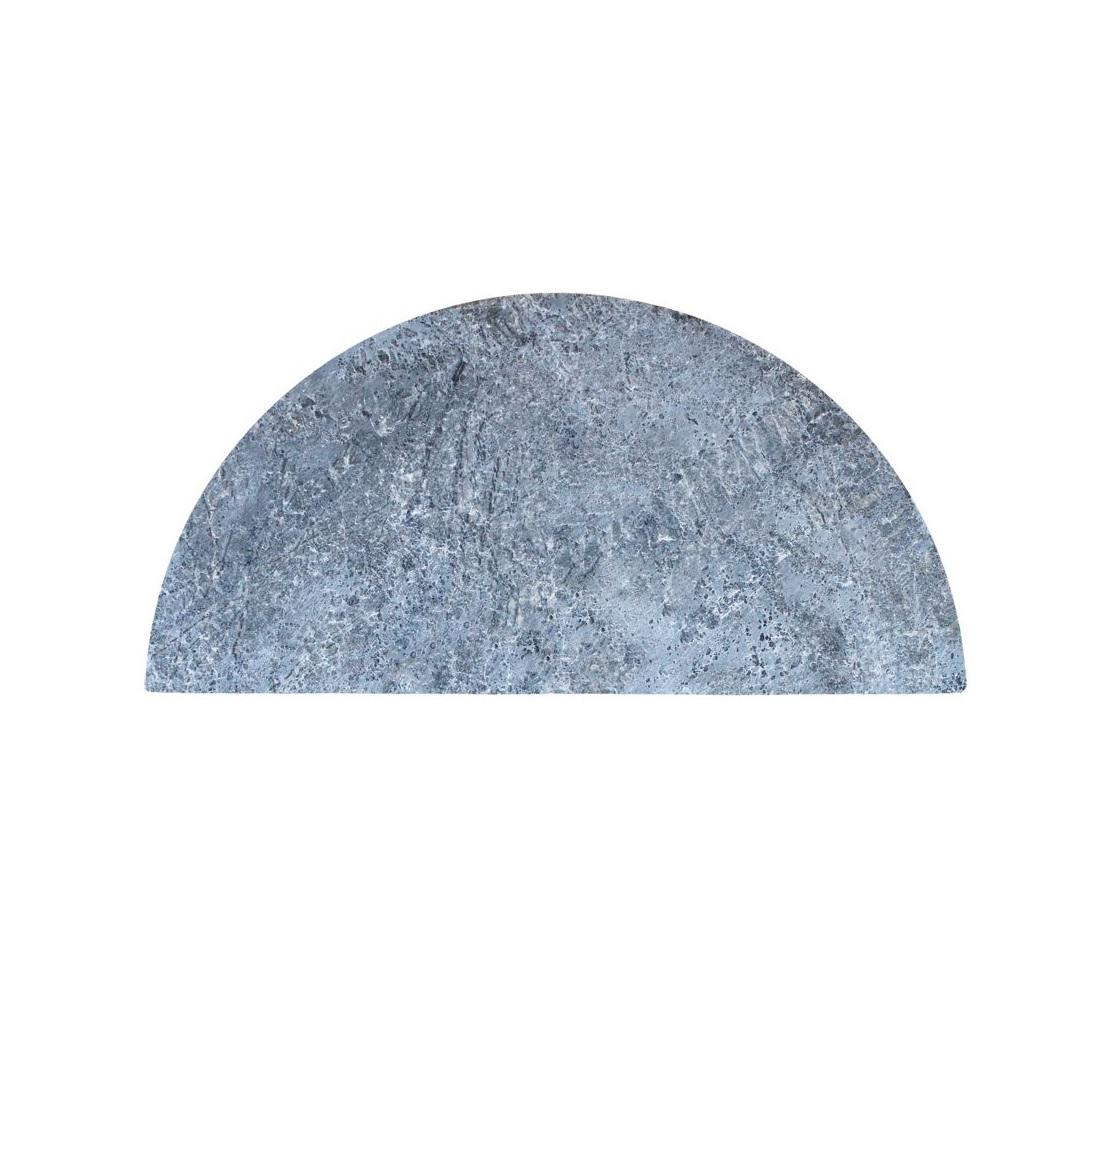 Kamado Joe - Half-Moon Soapstone